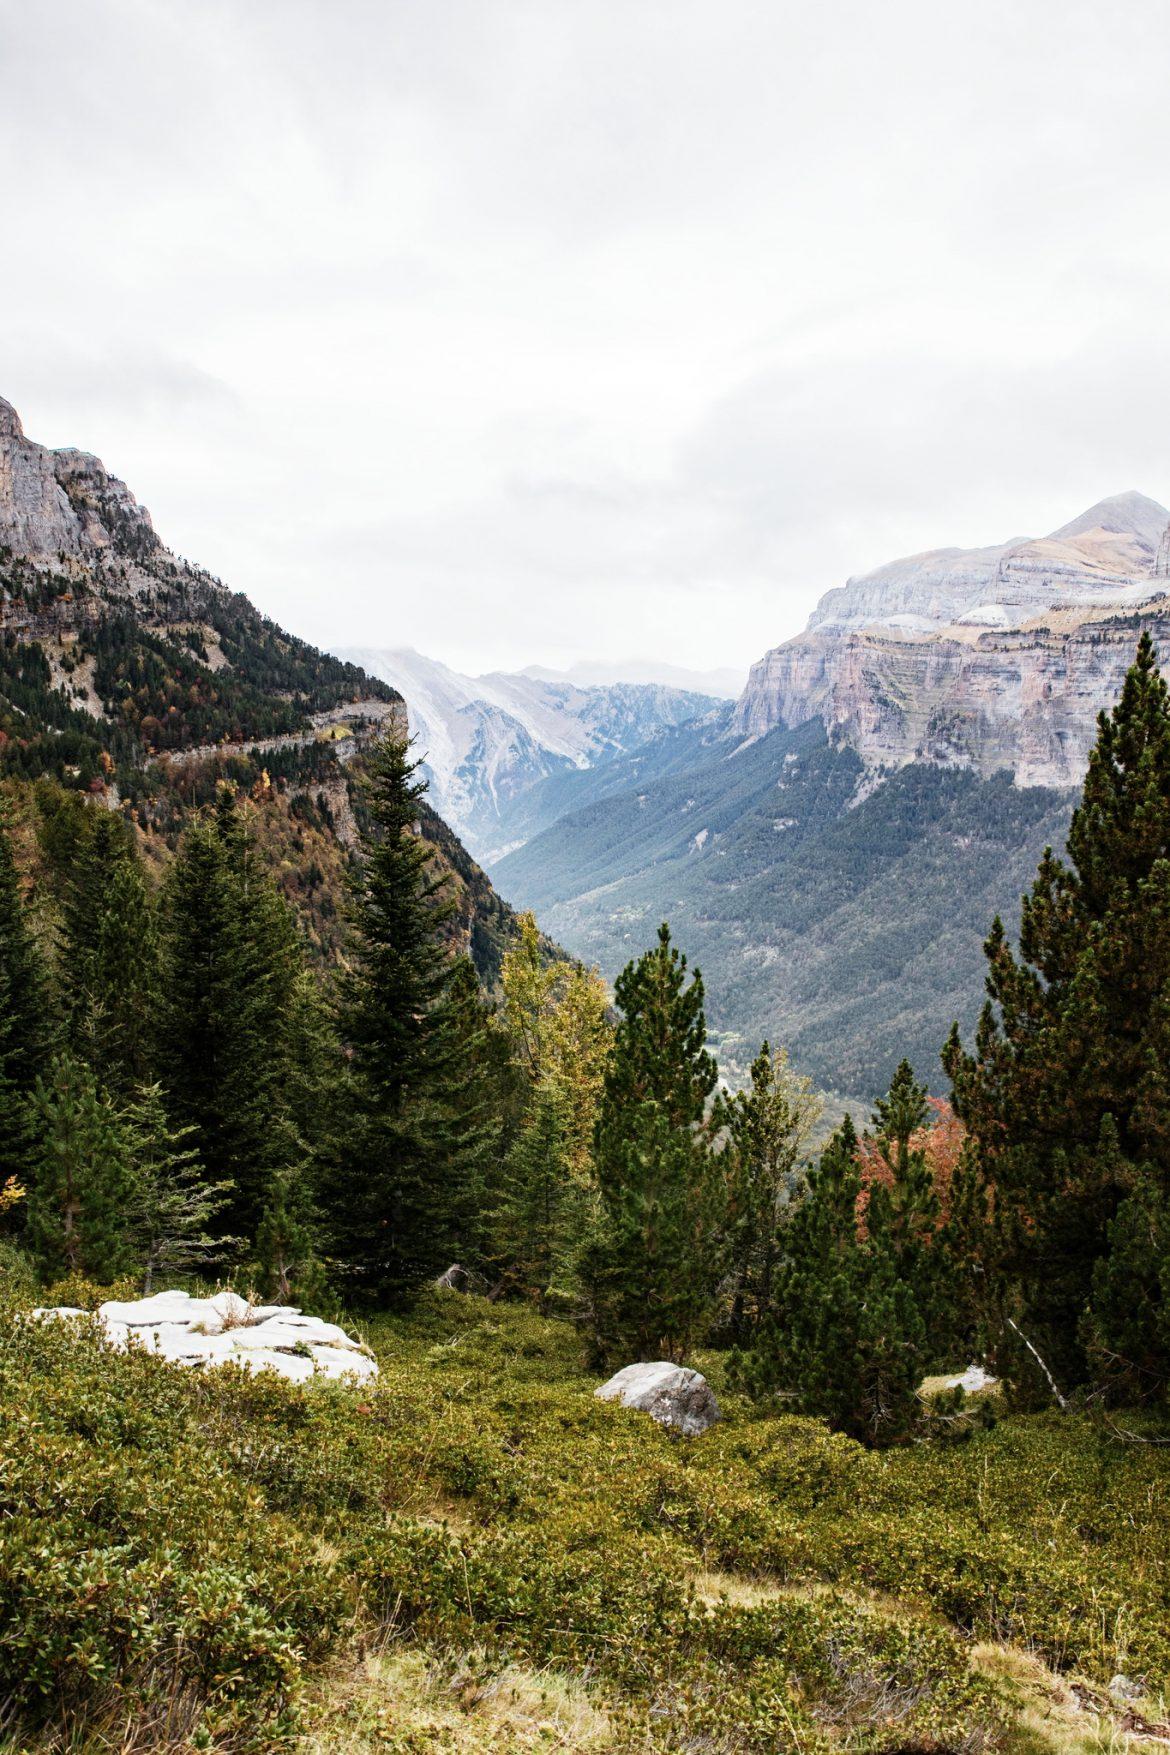 randonnee canyon d'orsea, la Faja peley - parc national Ordesa et du mont perdu